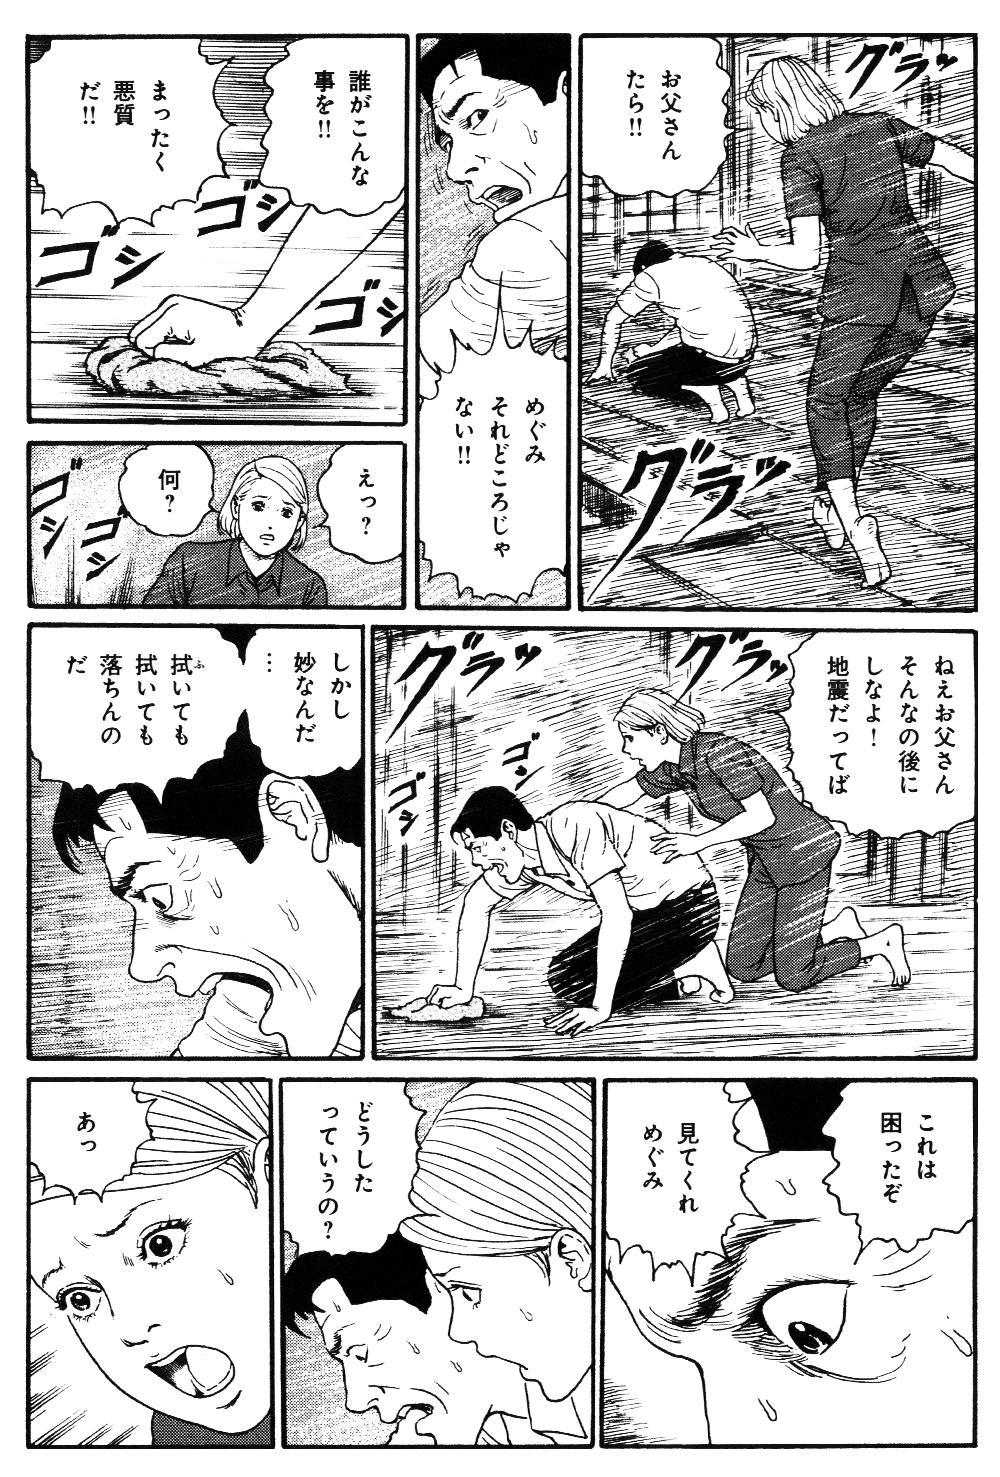 魔の断片 第2話「木造の怪」③manodanpen04-01.jpg